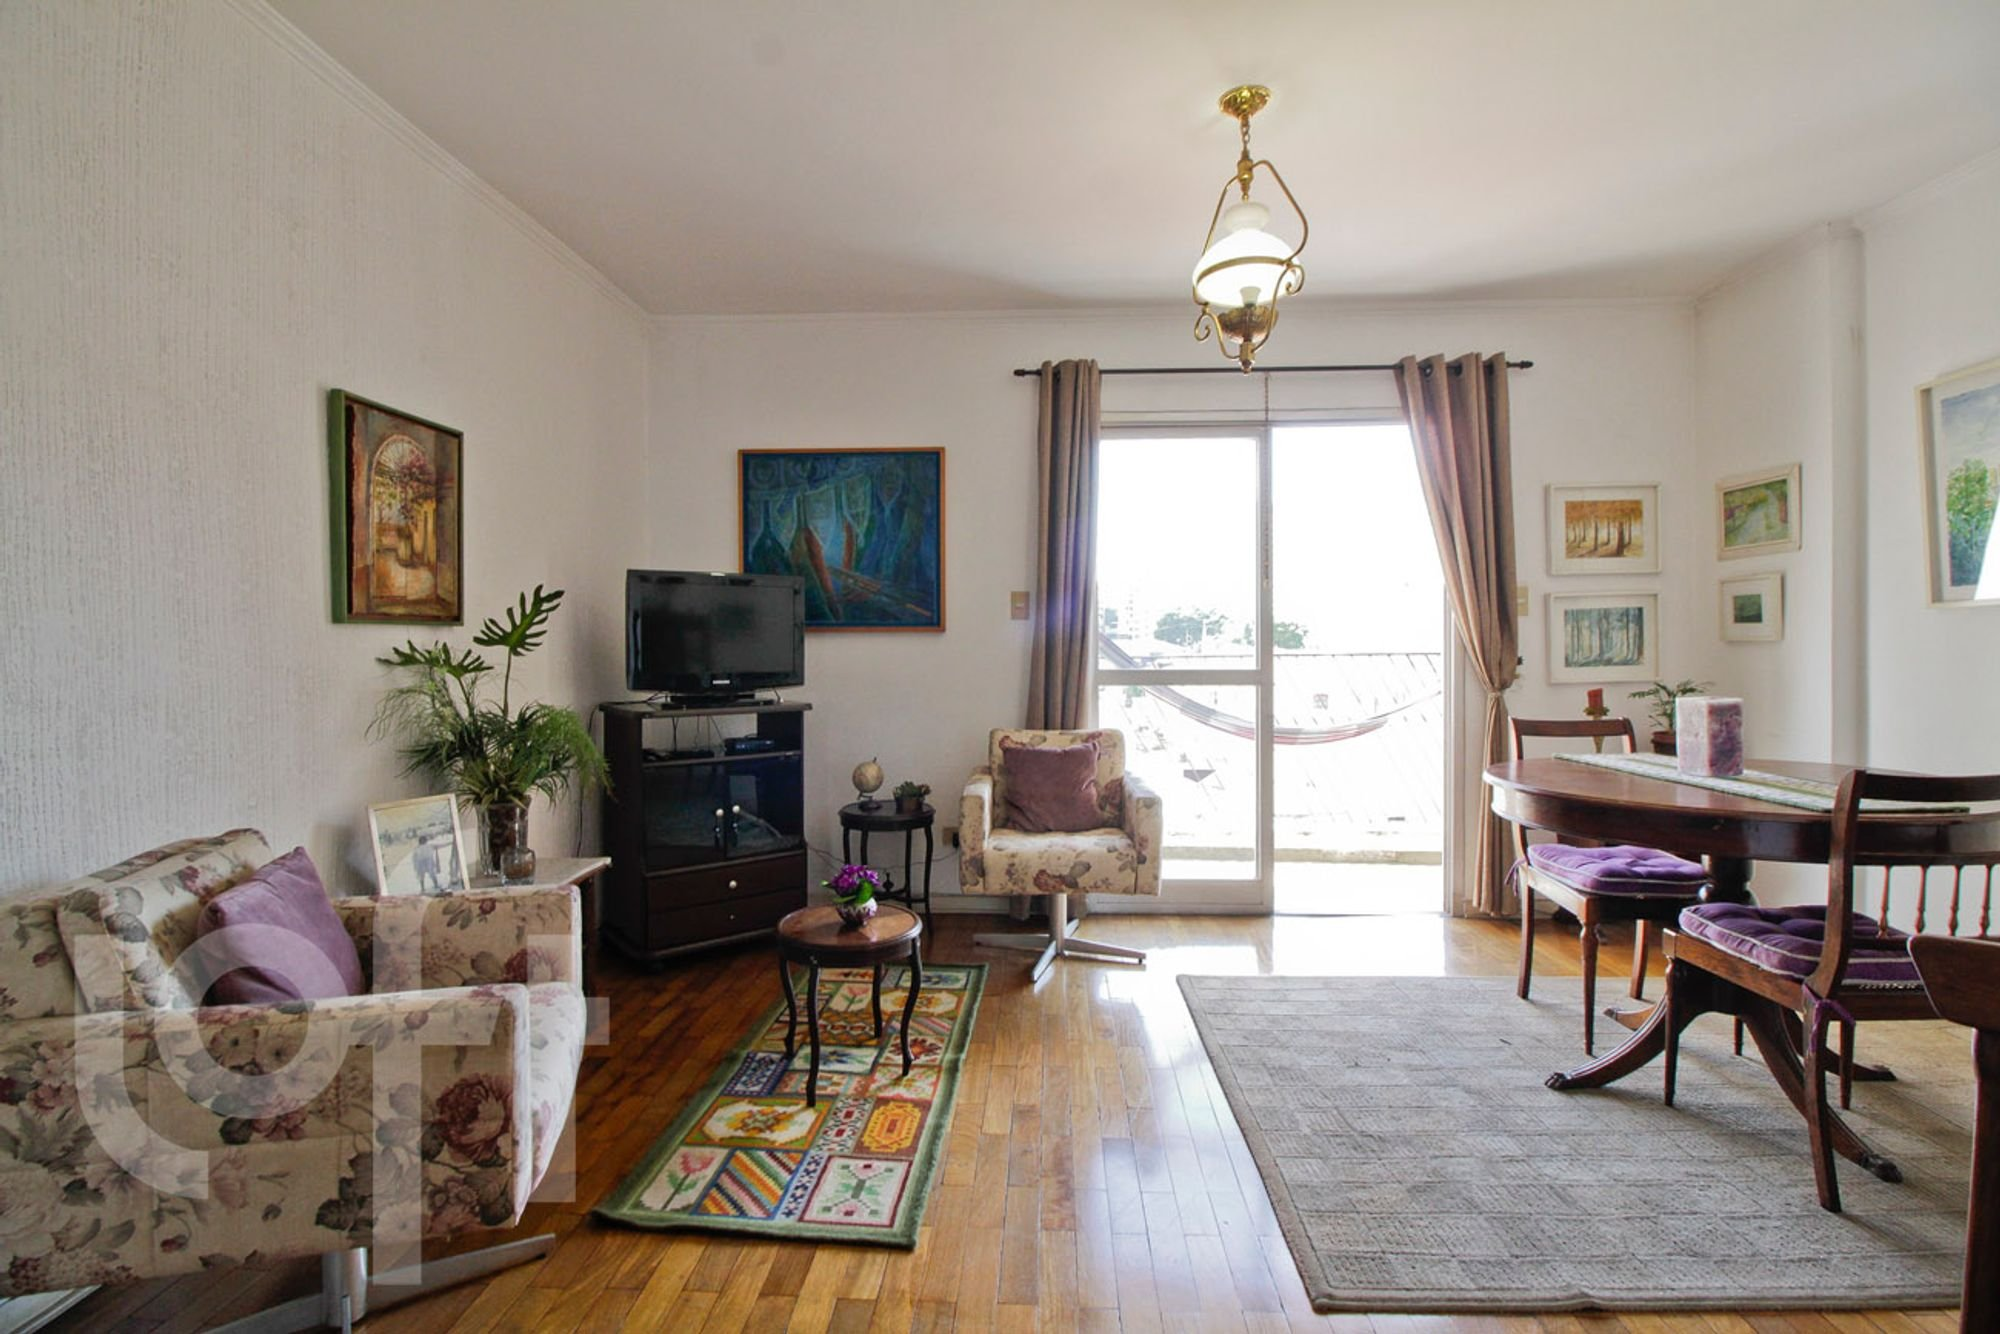 Foto de Sala com vaso de planta, sofá, televisão, vaso, cadeira, xícara